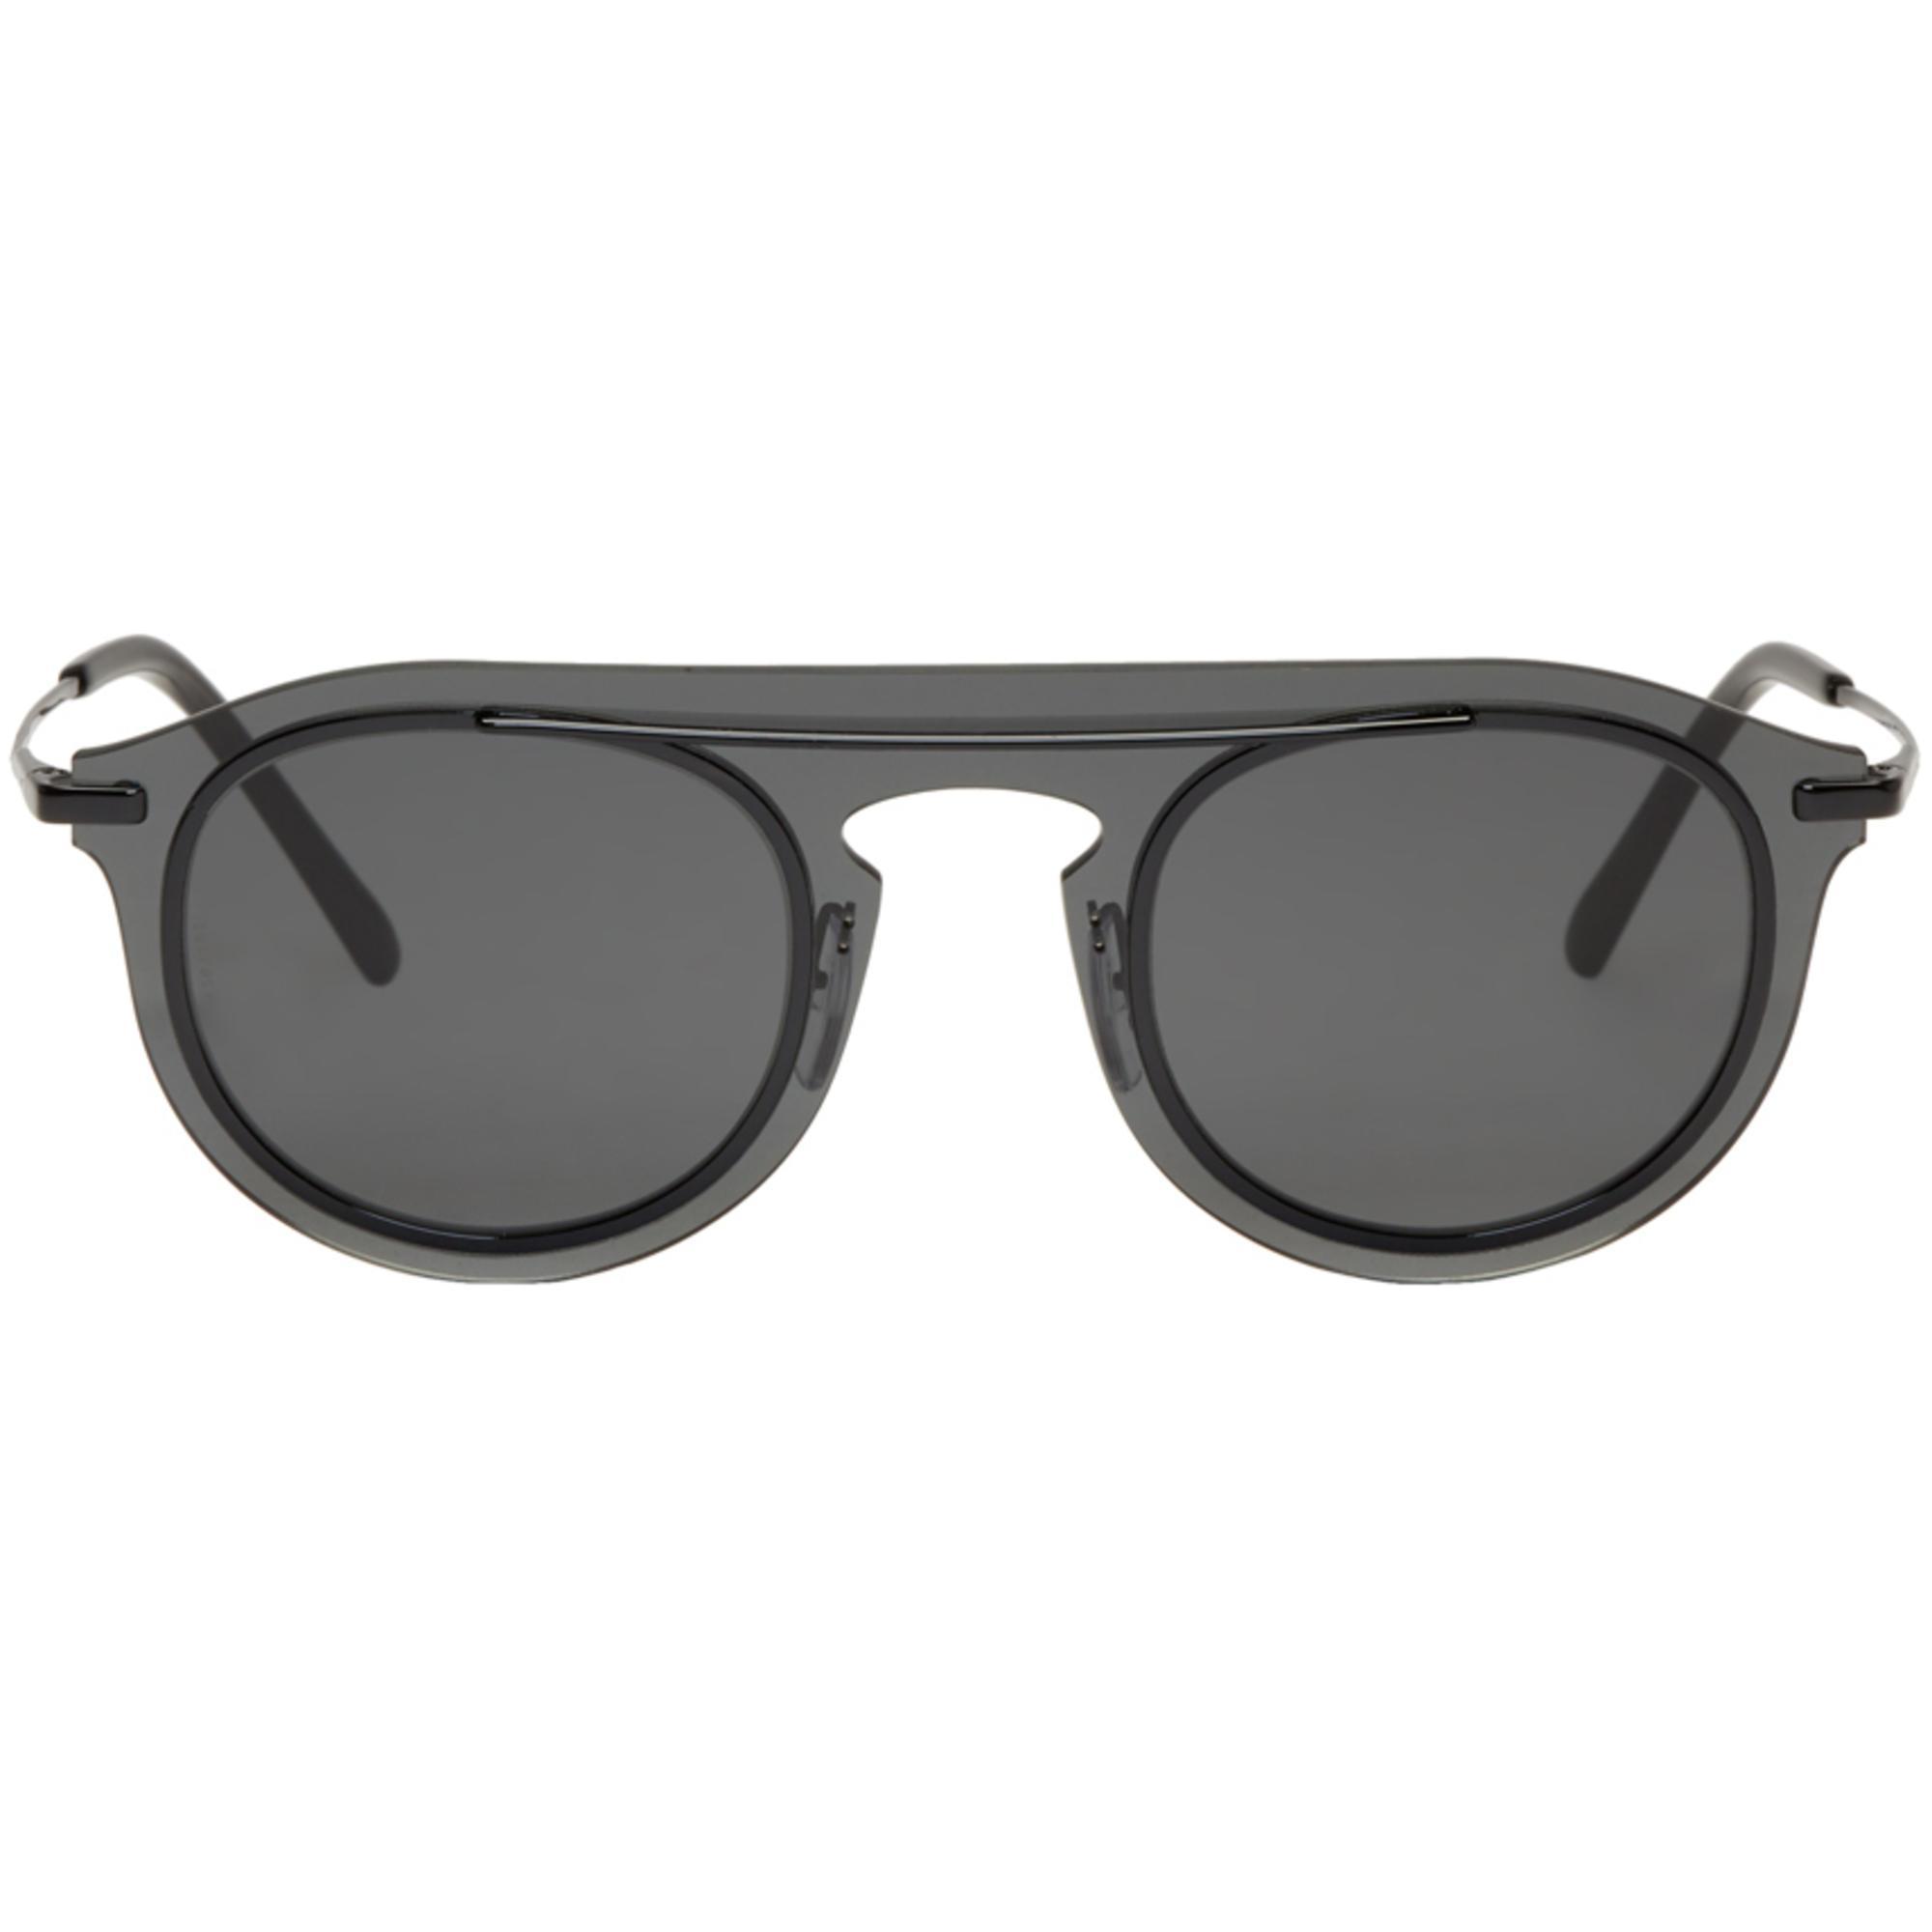 À Gabbana Pour Noires Dolceamp; Lunettes De Unique Soleil Lentille CedxBor